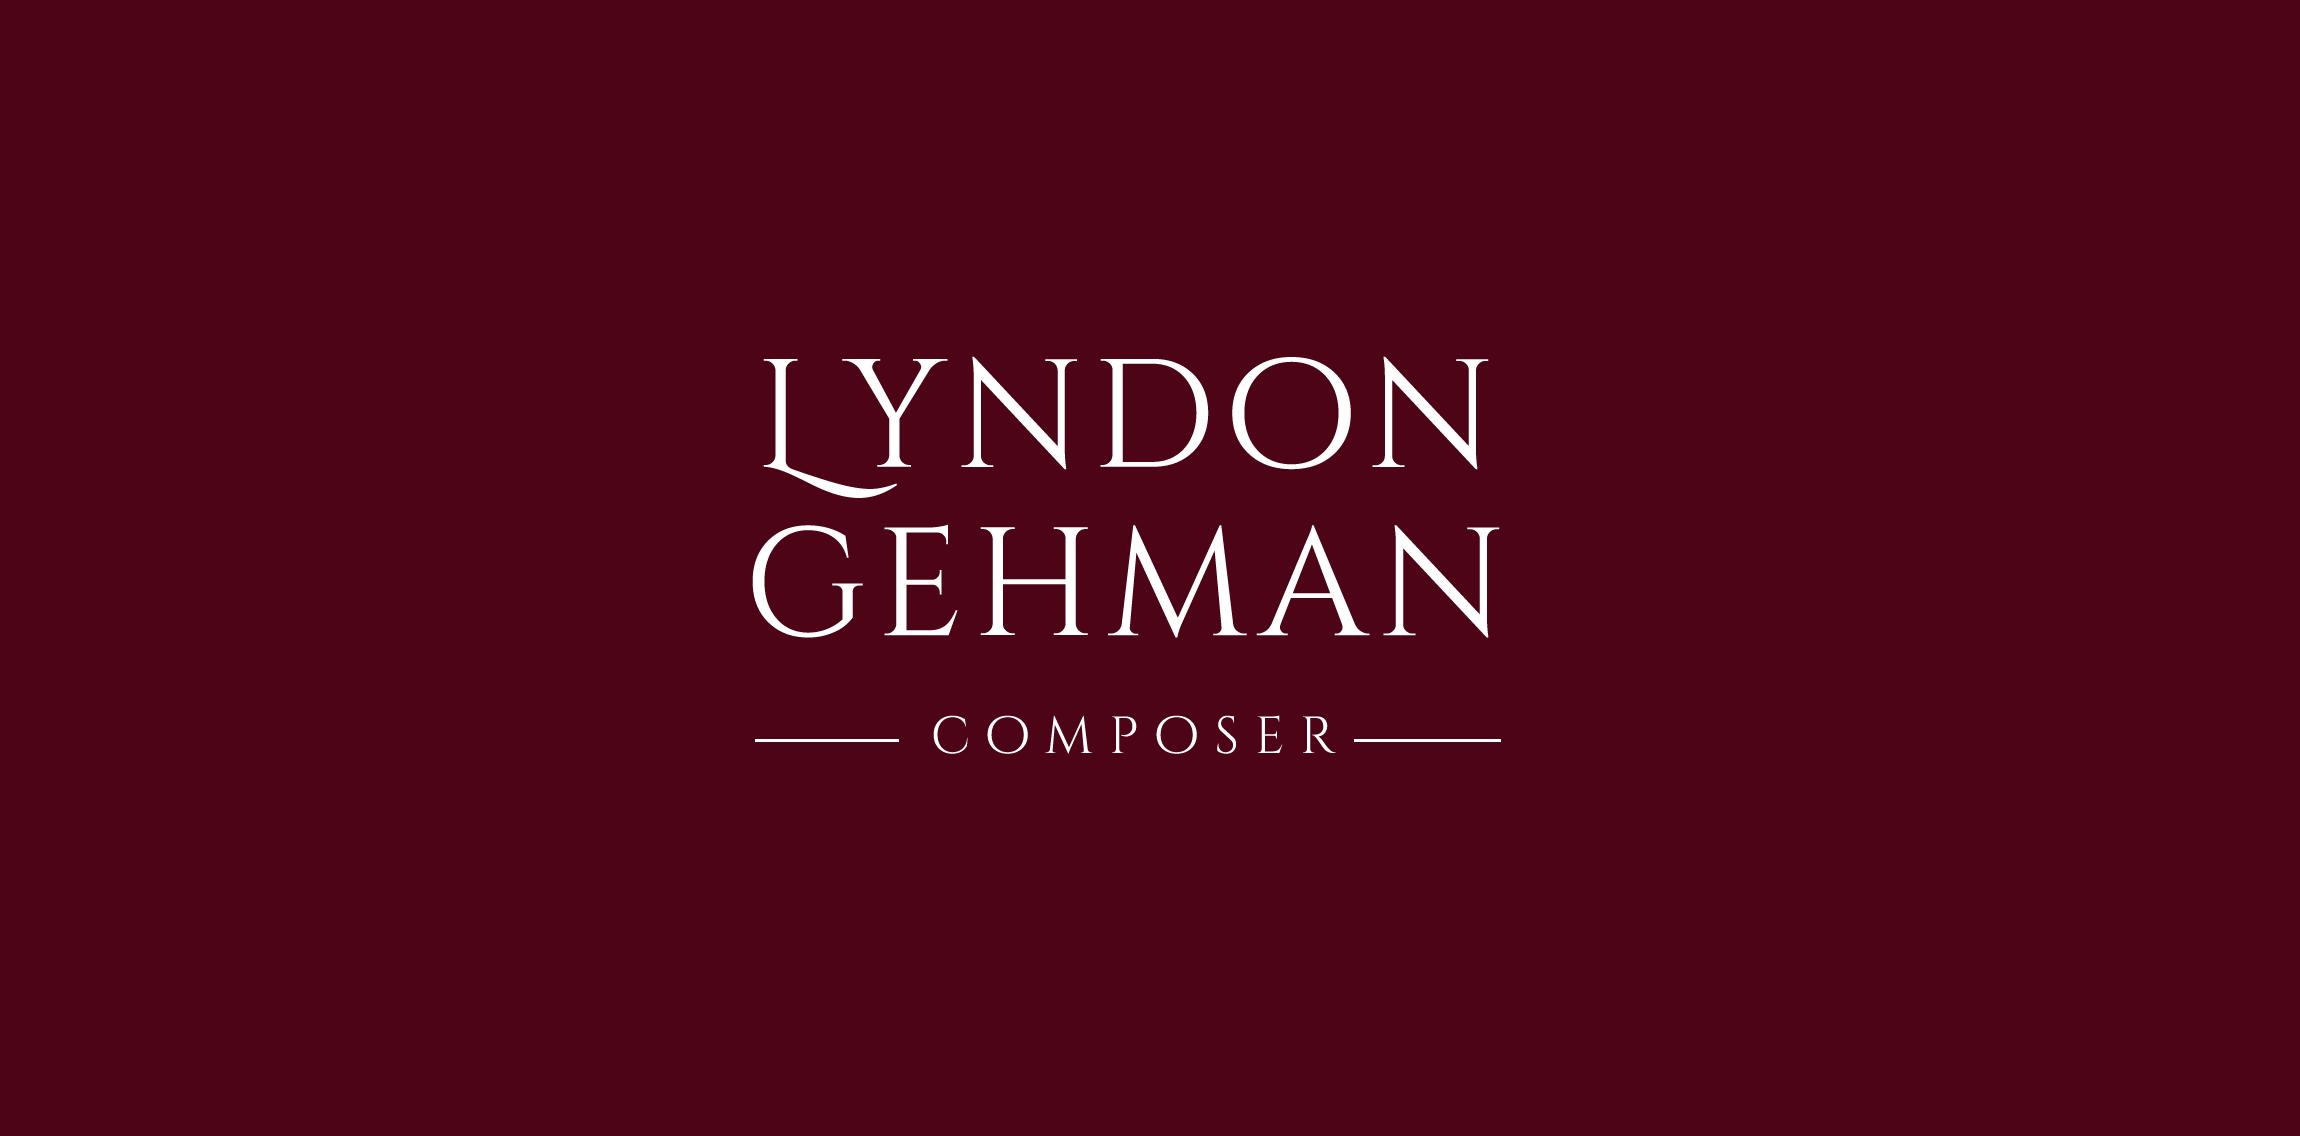 Lyndon Gehman Composer